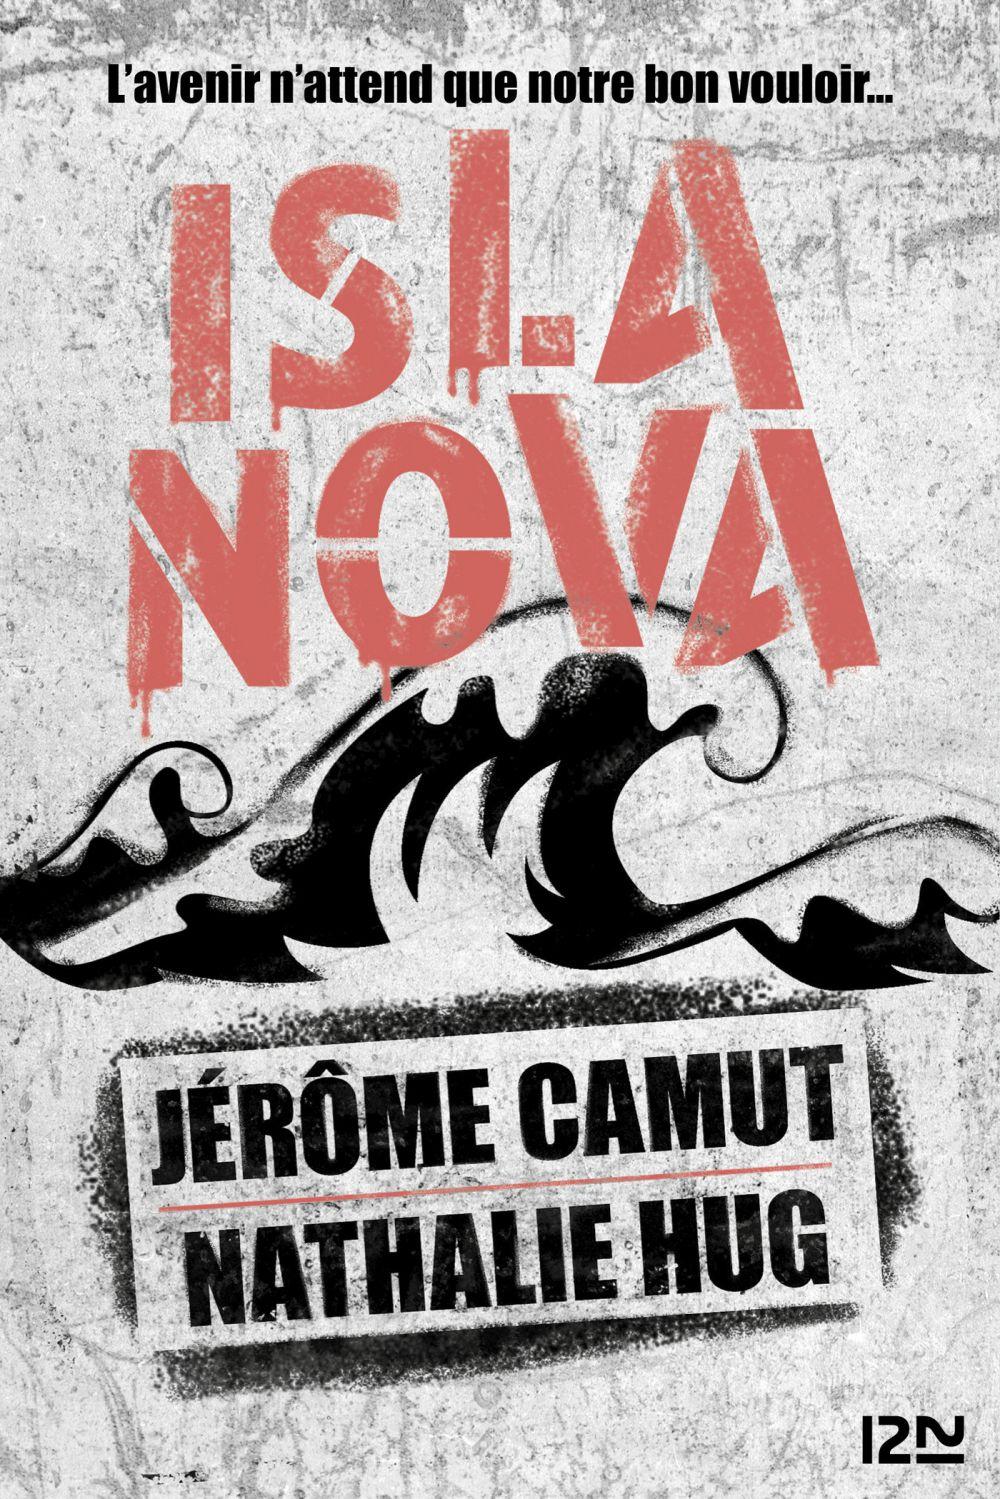 Islanova | Camut, Jérôme (1968-....). Auteur